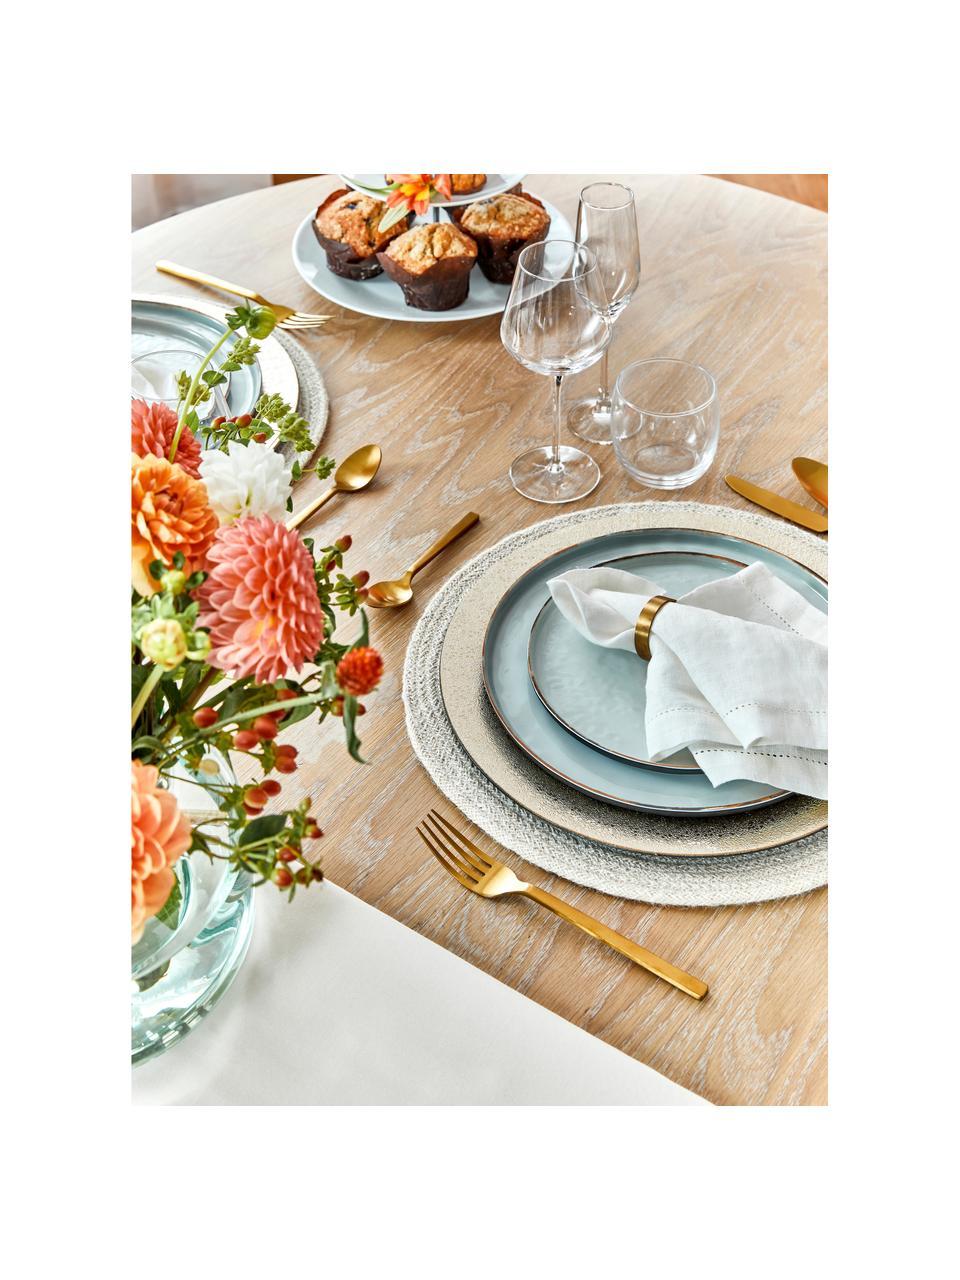 Speiseteller Saisons aus Steingut in Blau, 6 Stück, Steingut, Blau, Ø 27 cm